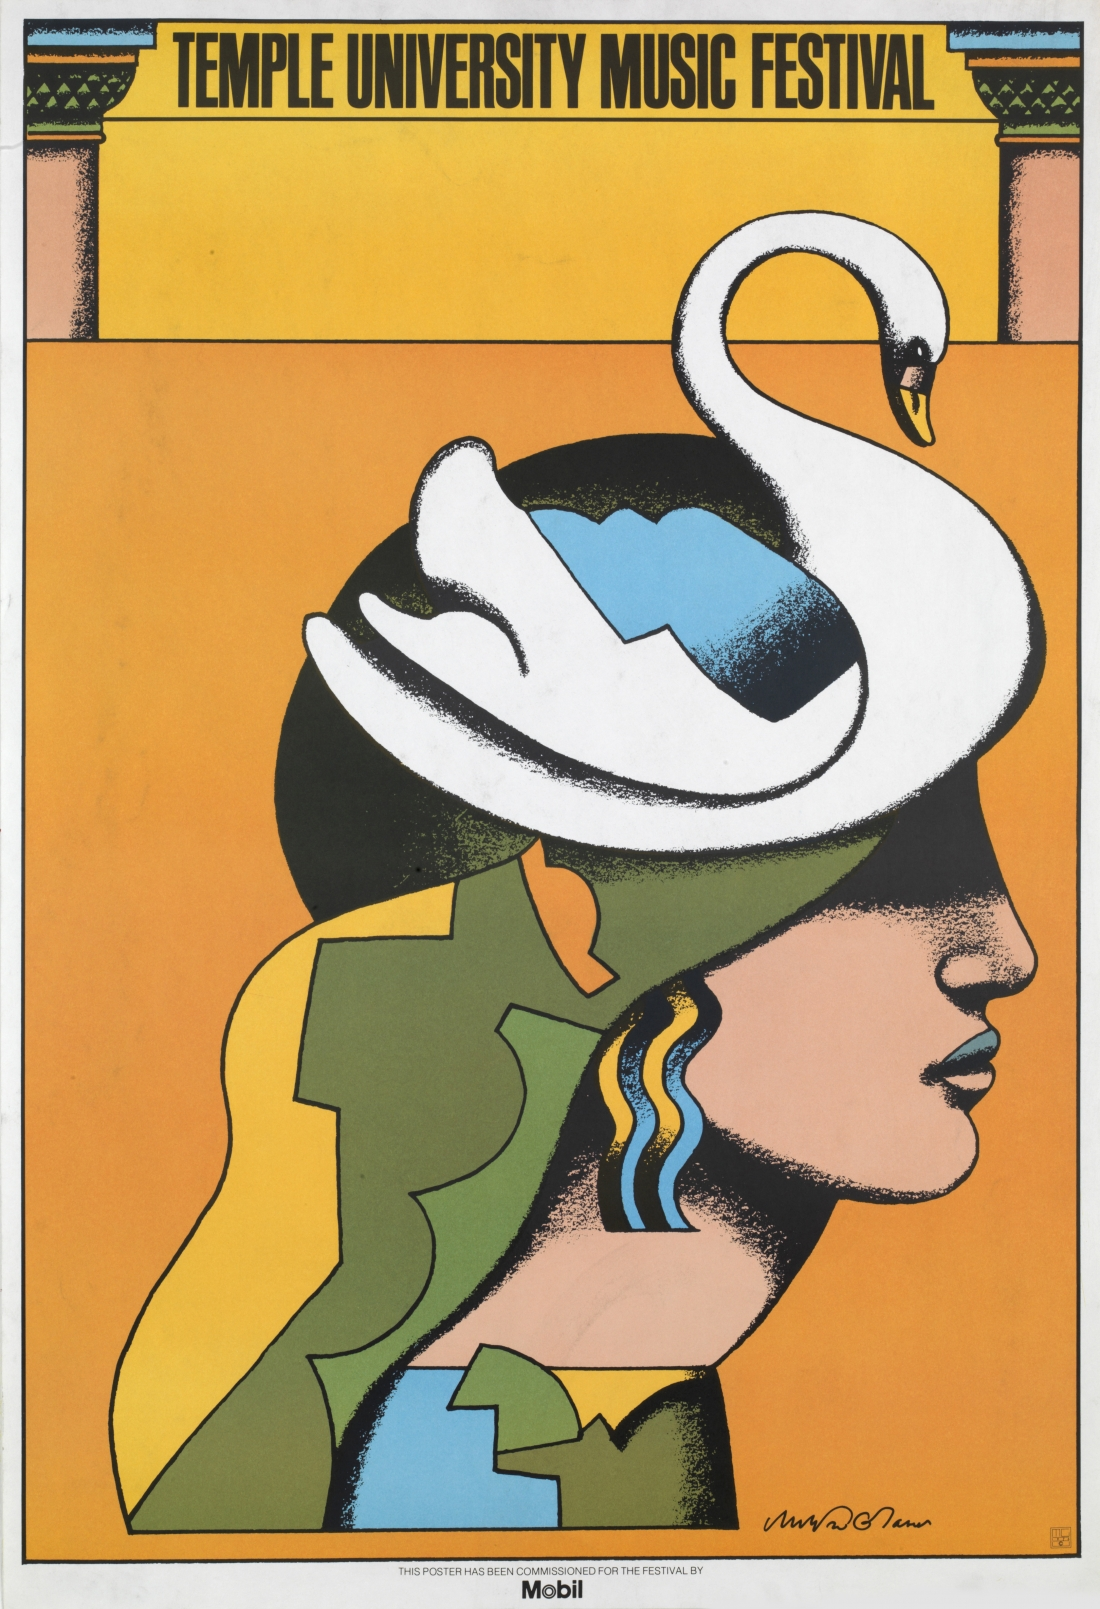 """Temple University Music Festival 1975. 4-color offset lithography, 35 x 24"""" Client: Temple University"""